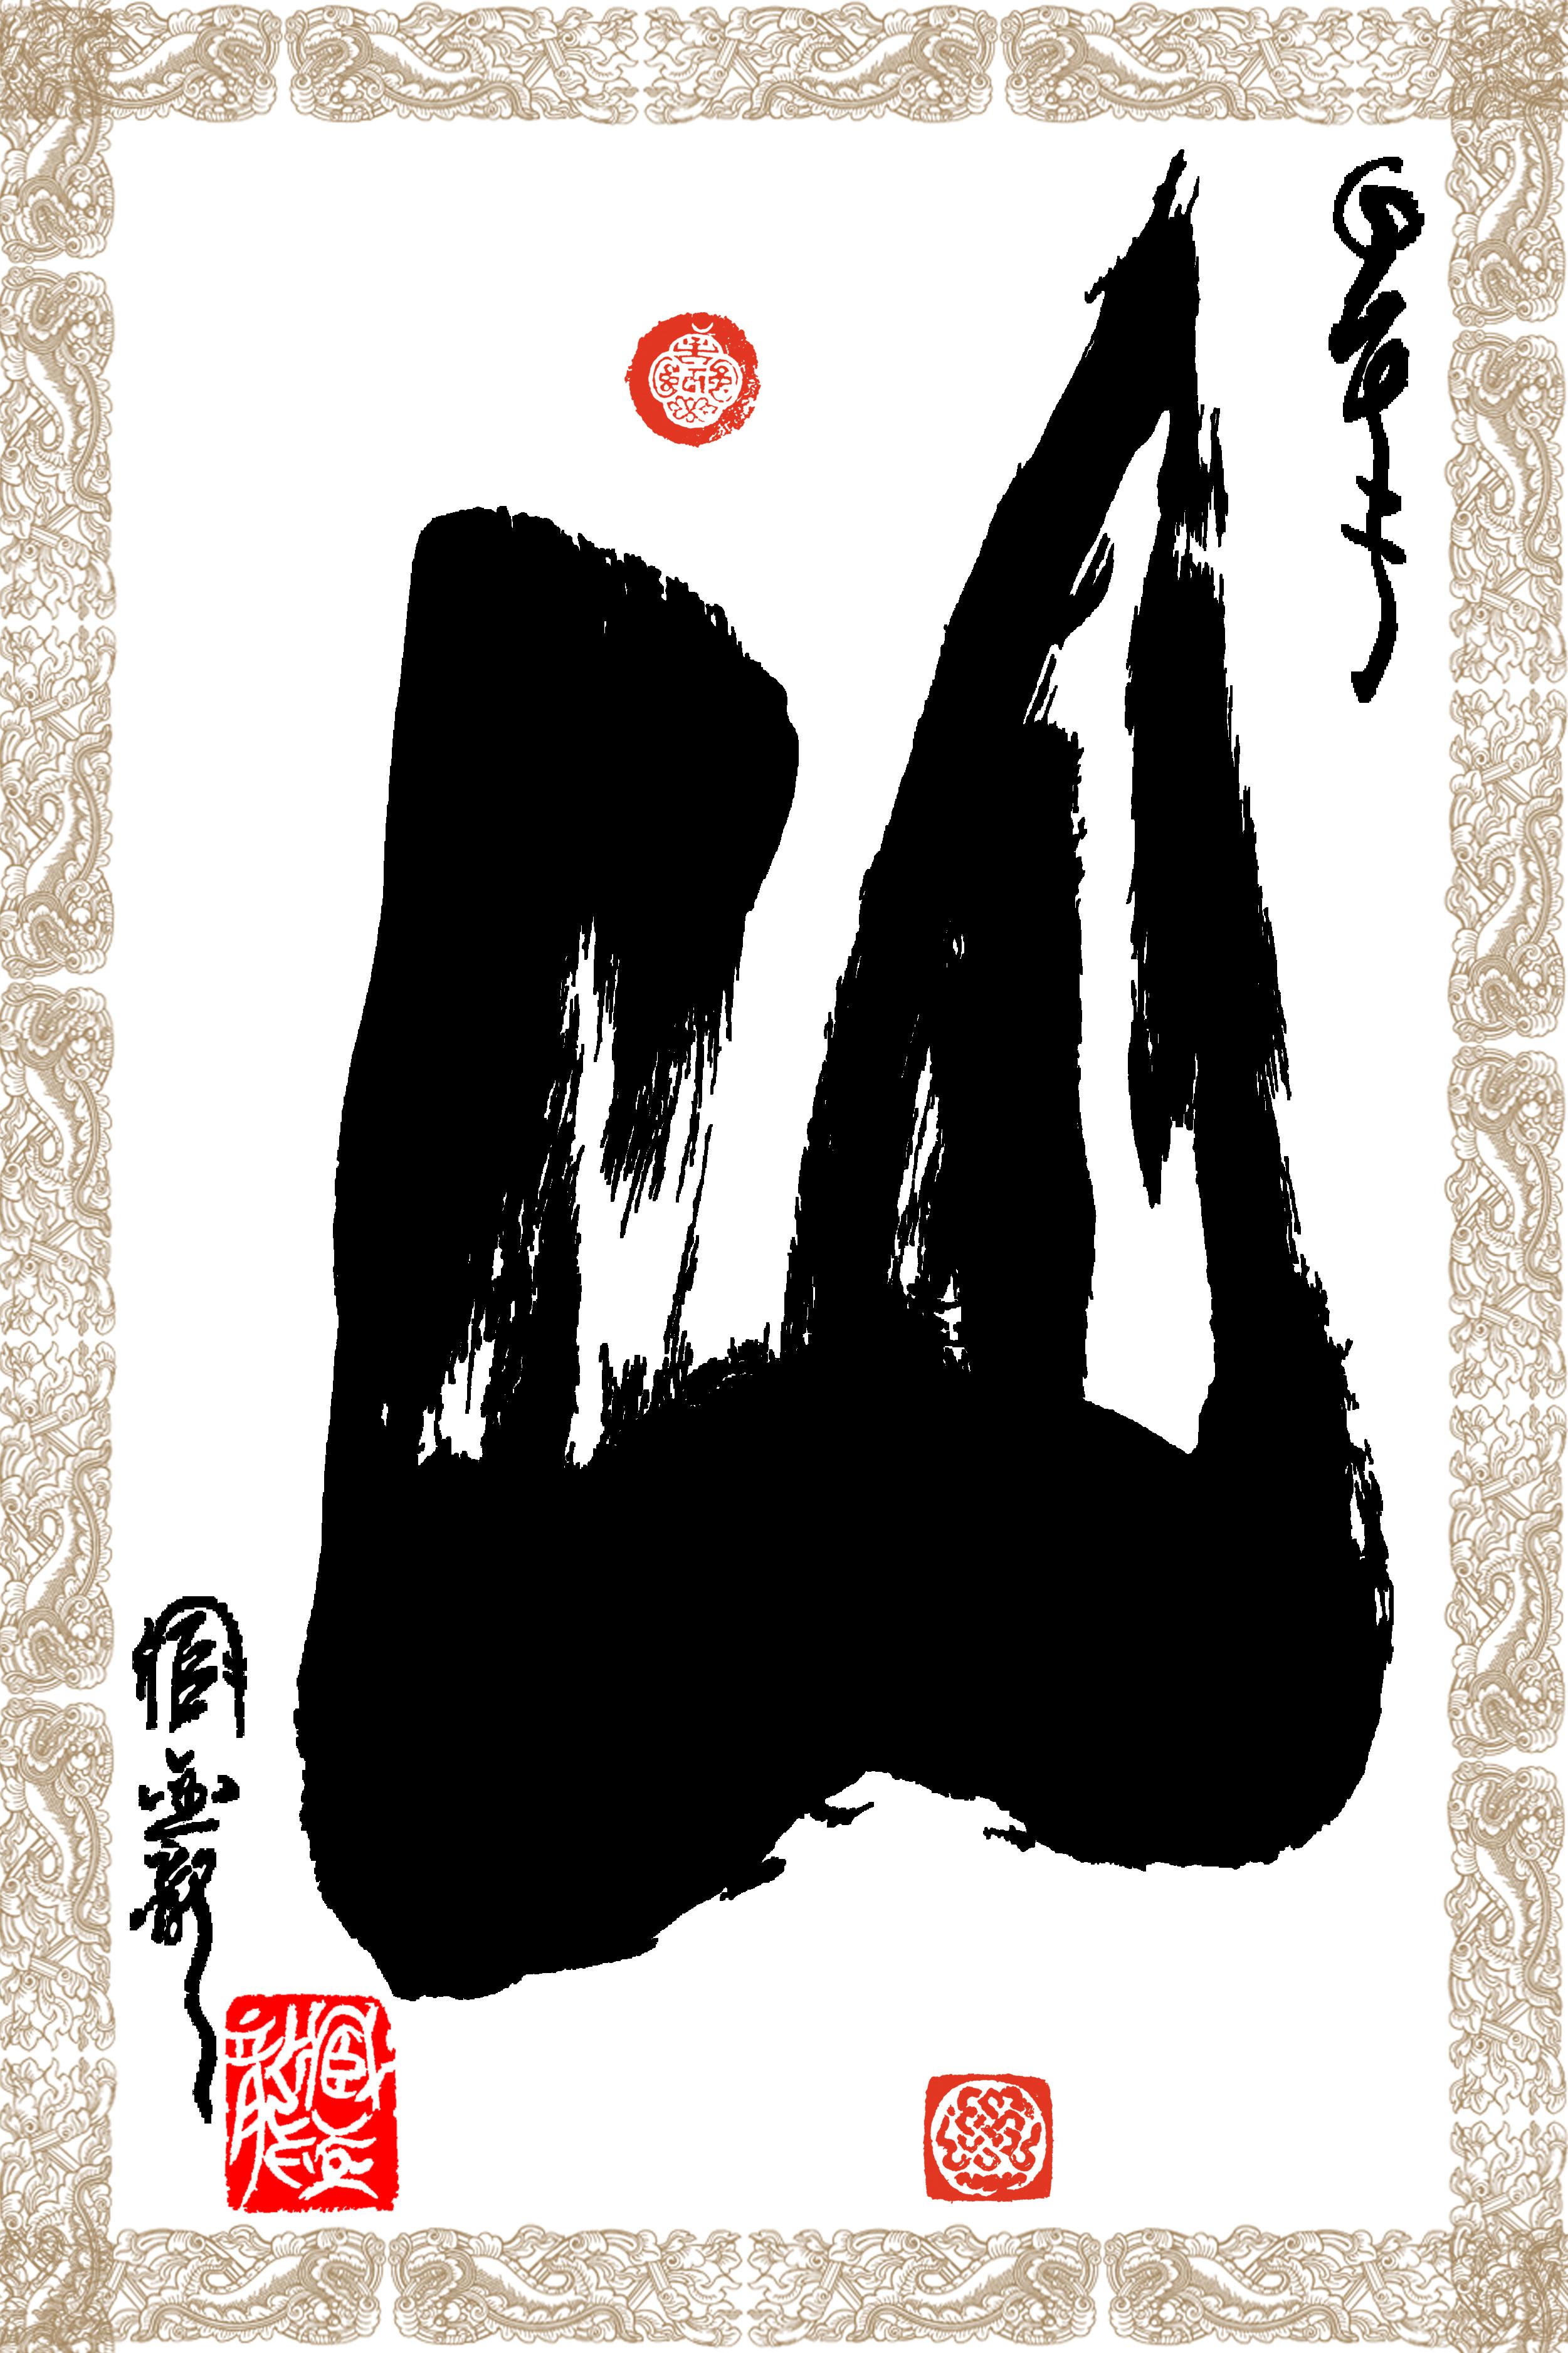 臧金龙创意书法系列《山高人为峰》图片